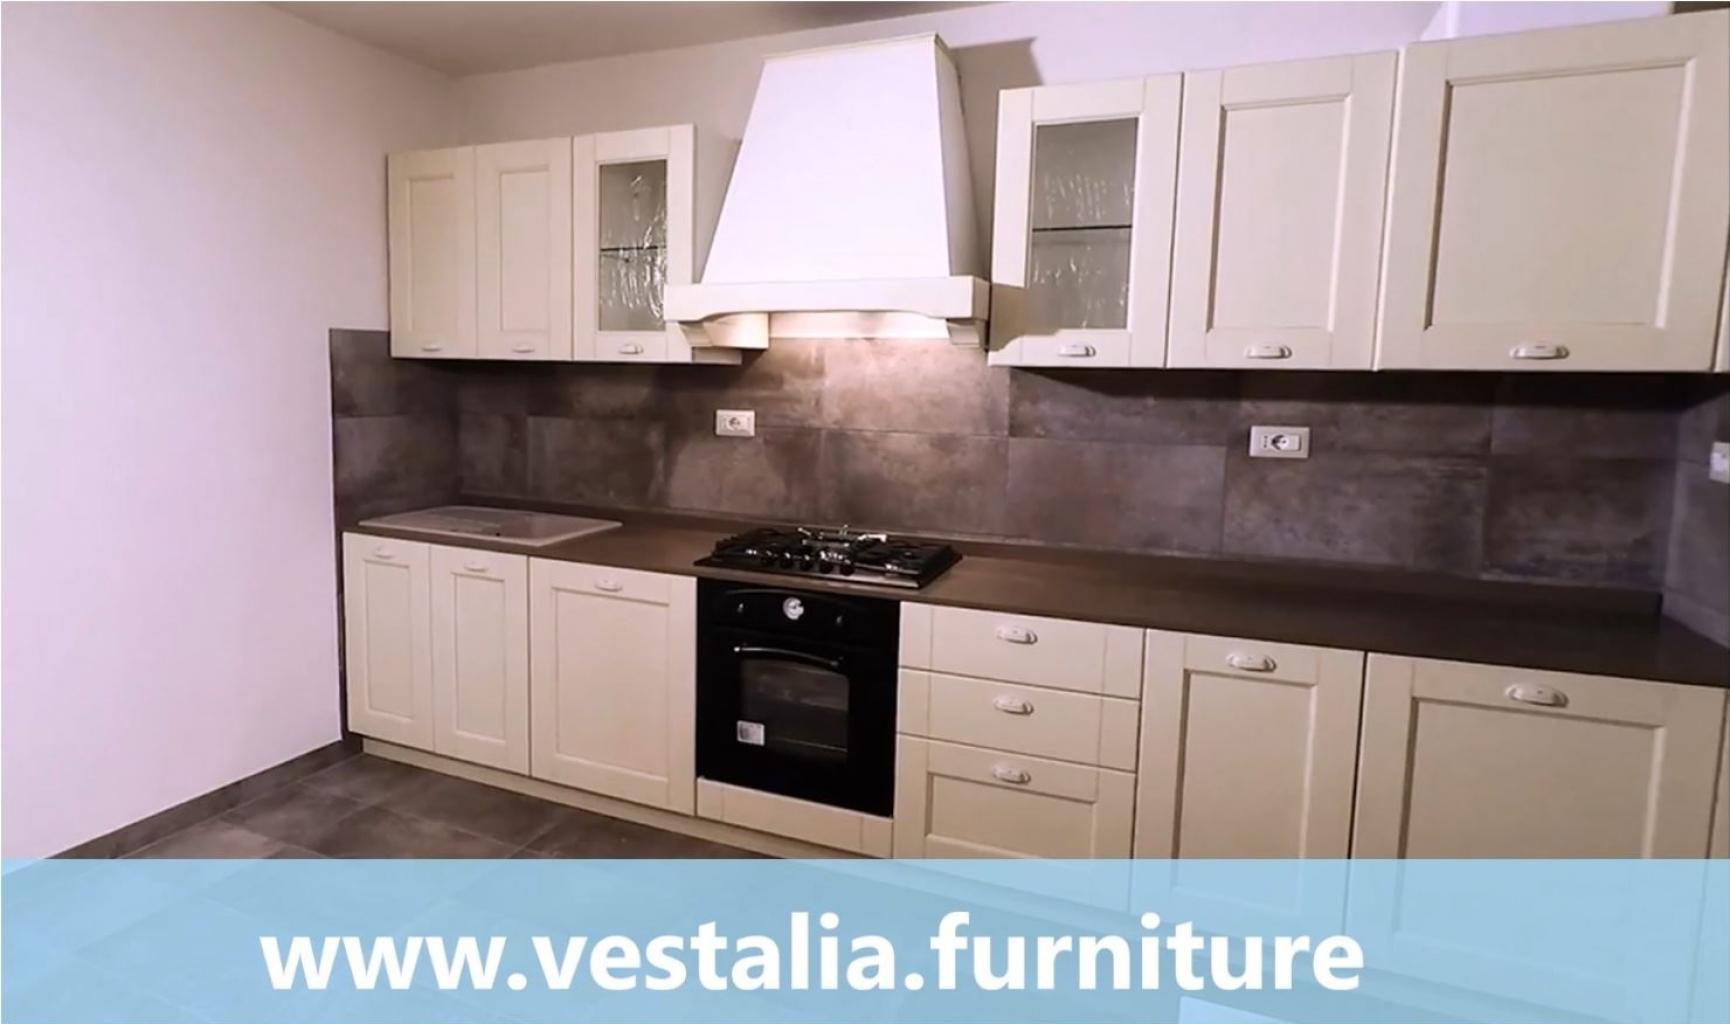 Cucina Classica VESTALIA in Decapè con top in quarzo